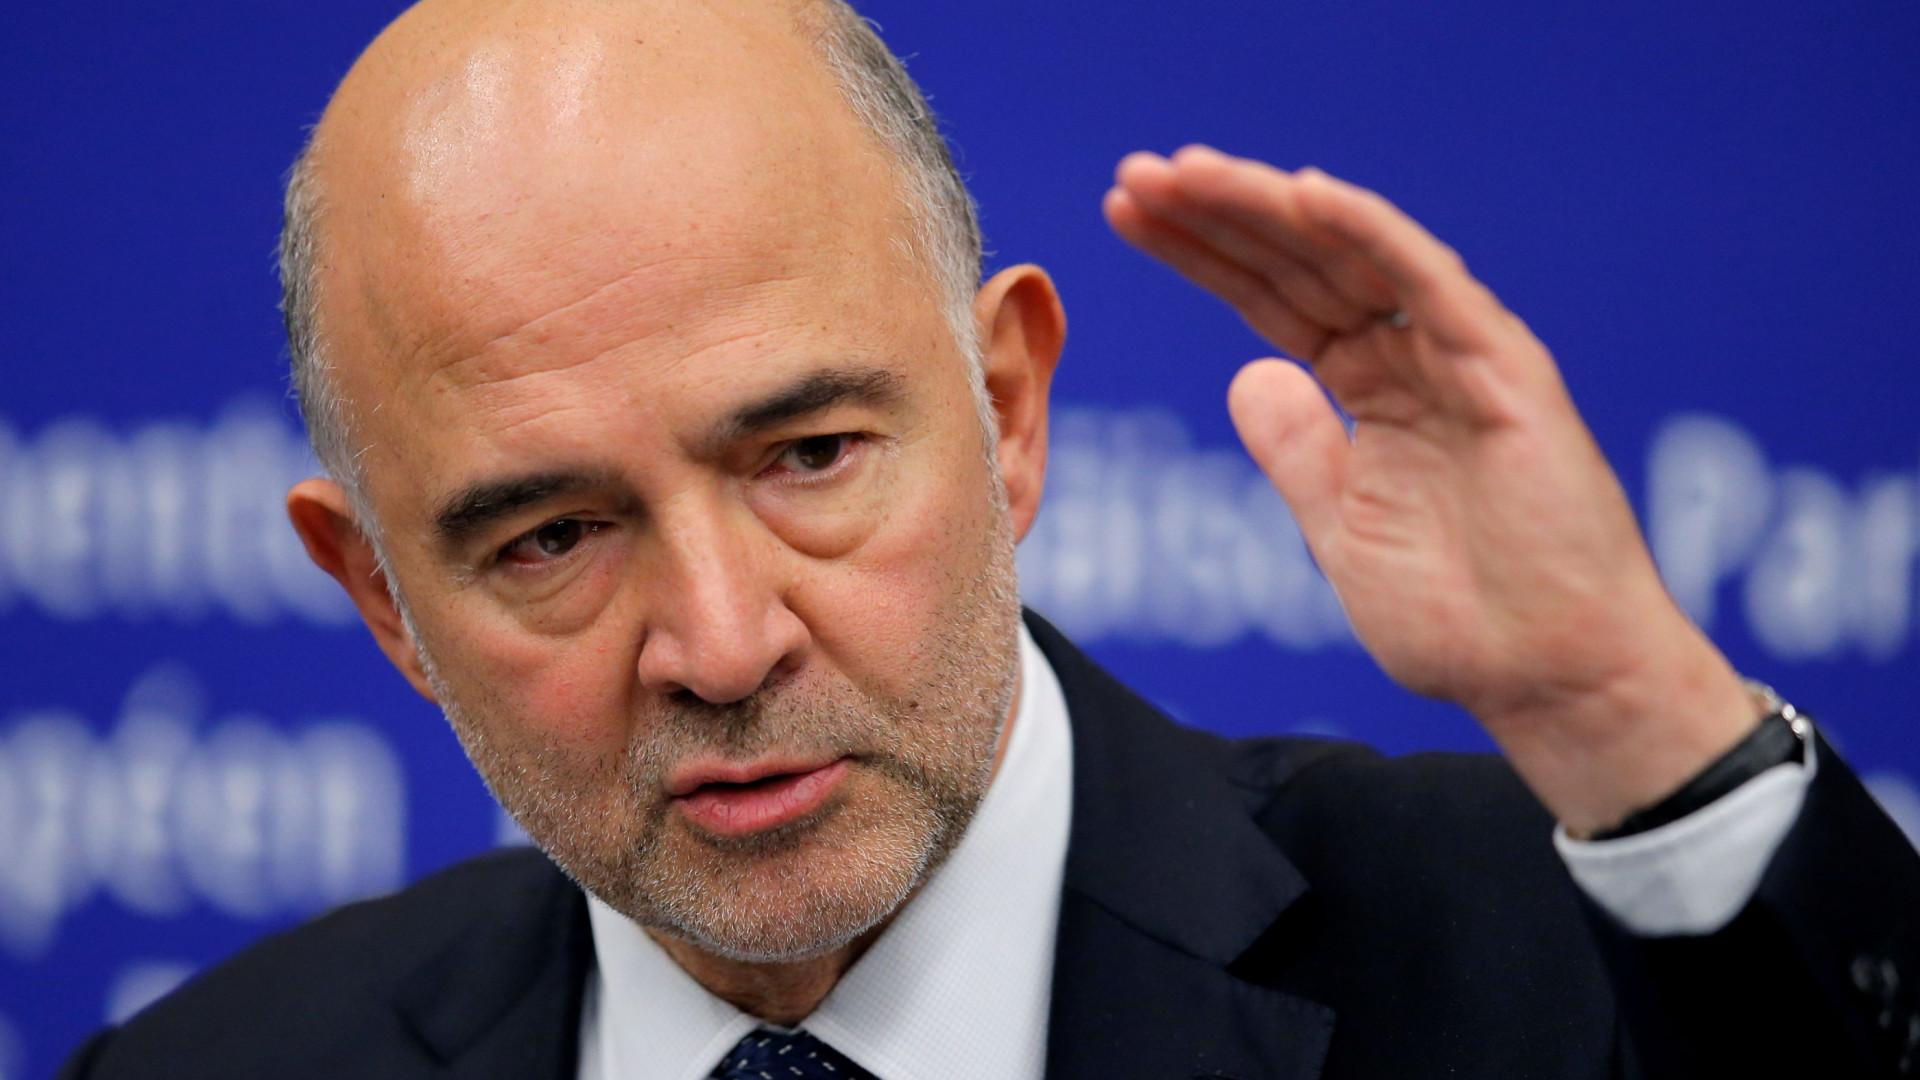 Moscovici reafirma necessidade de Itália reformular plano orçamental